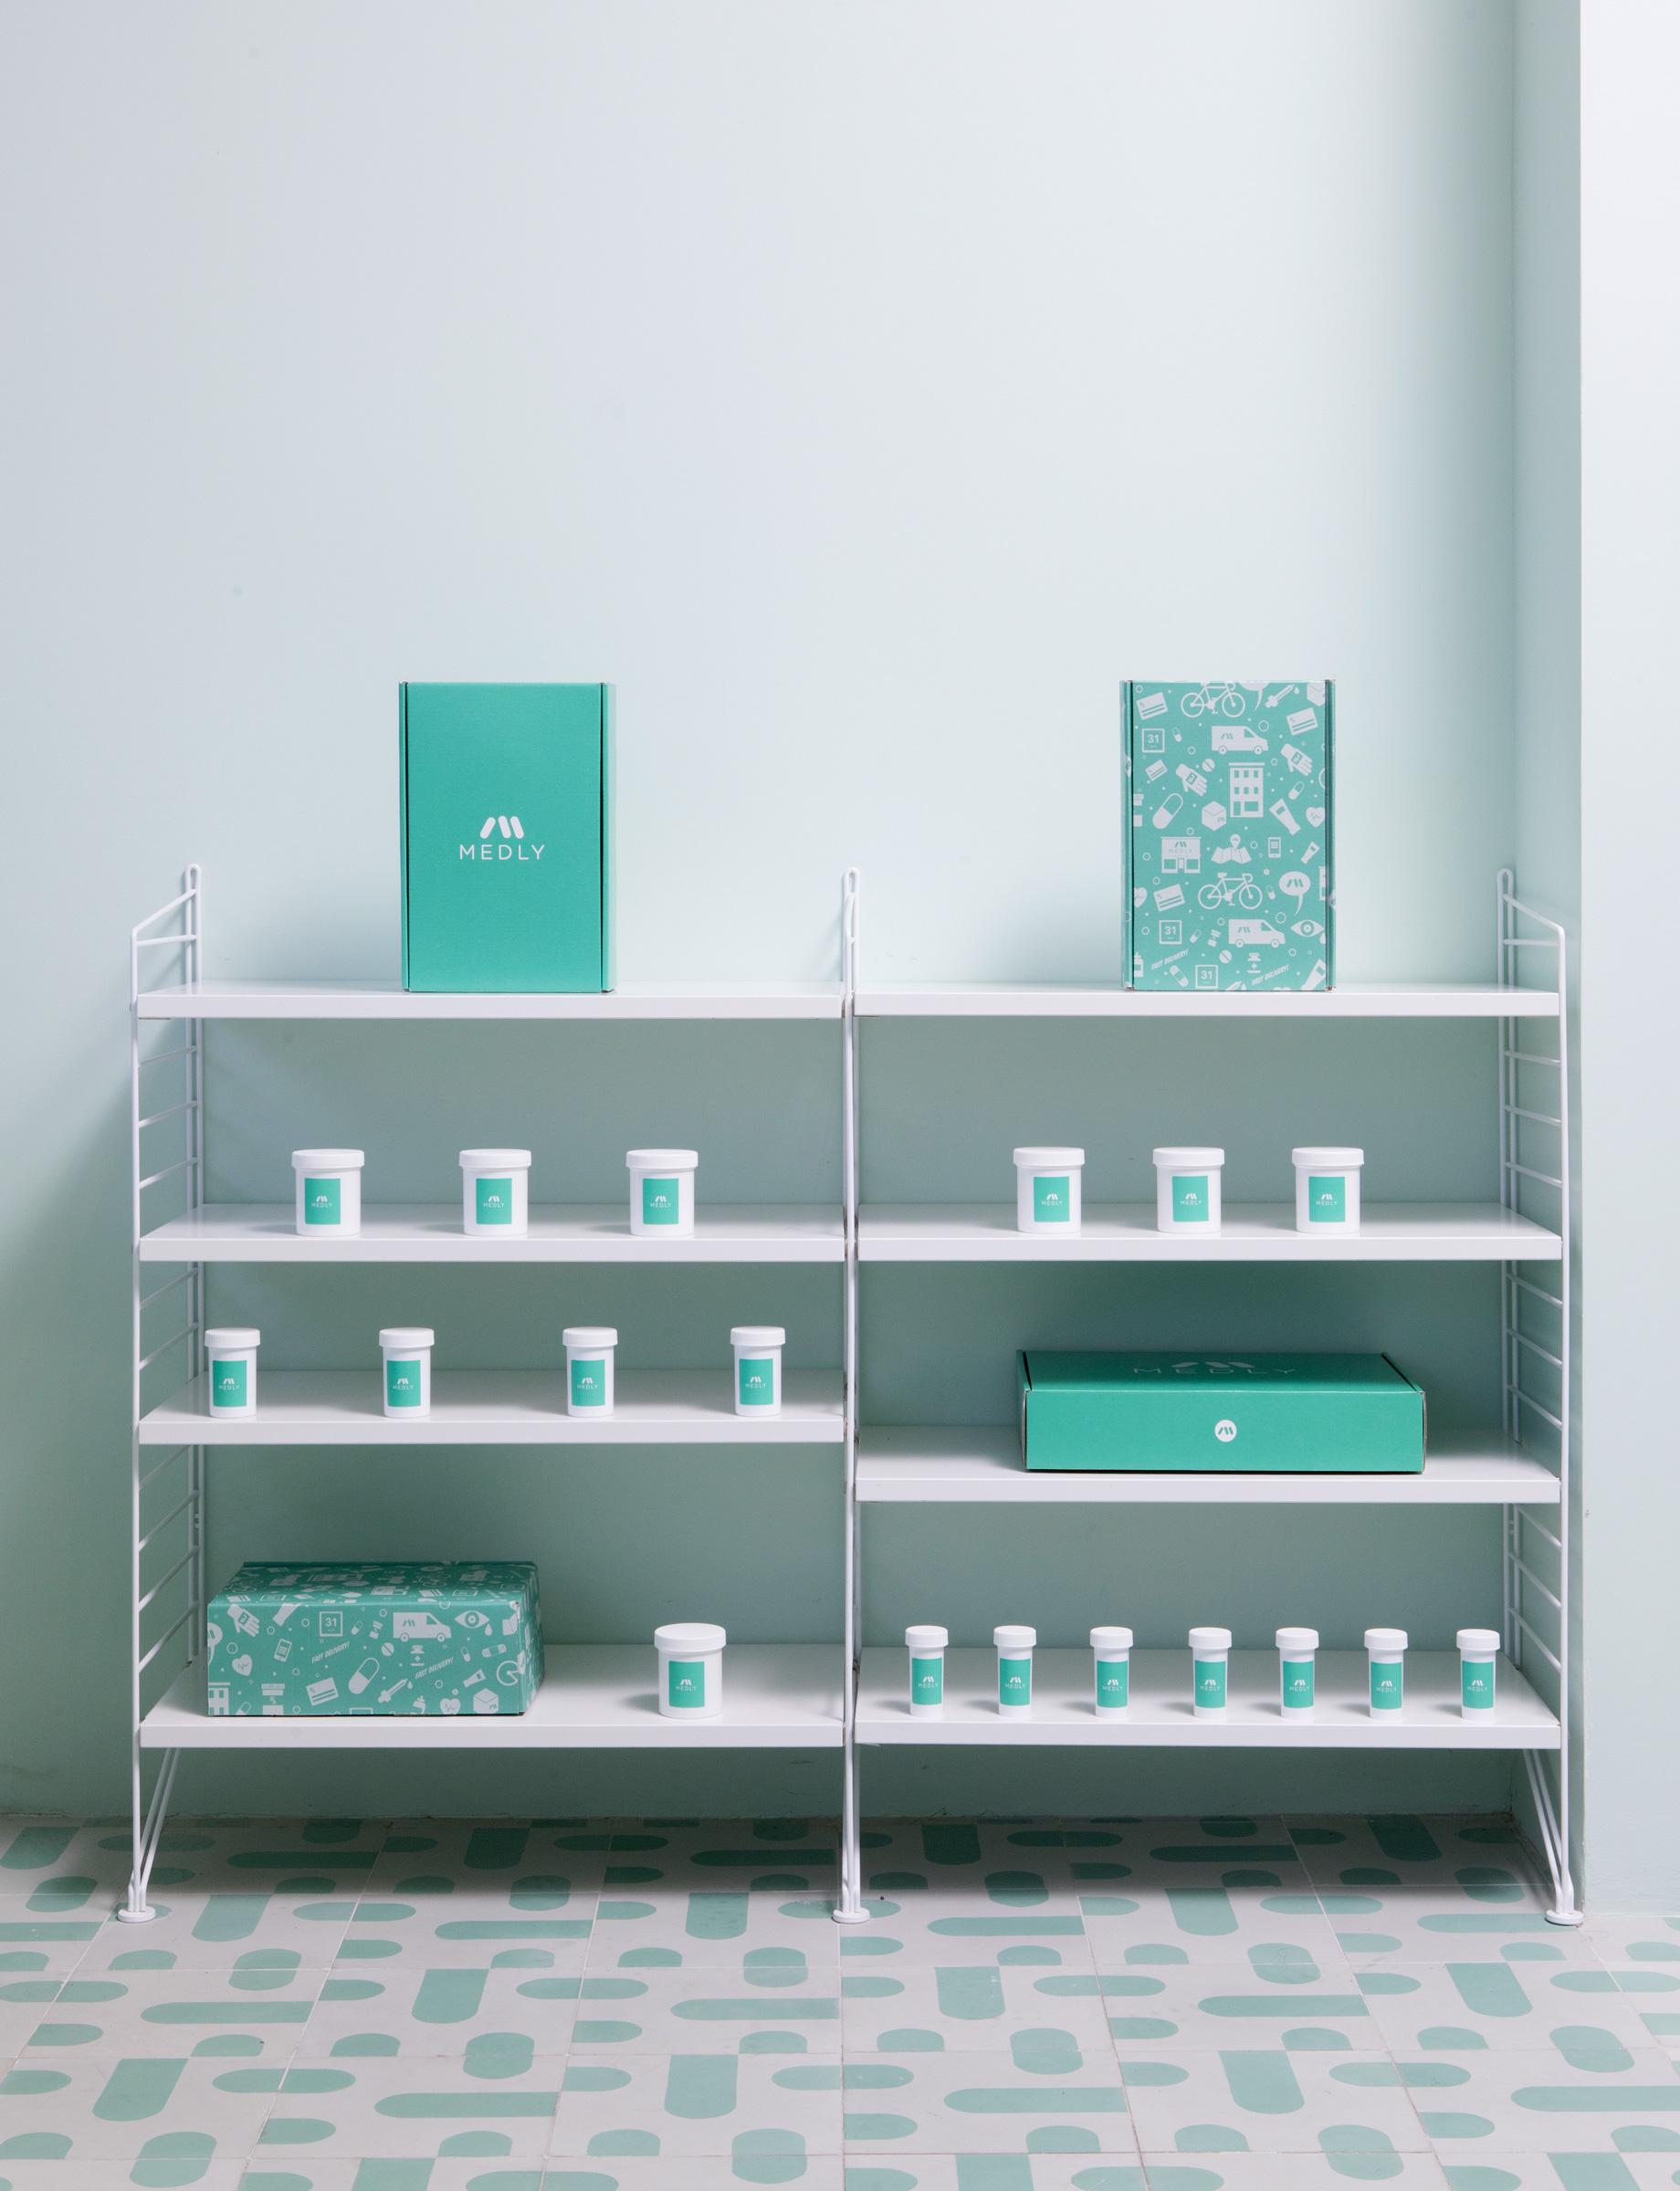 Medly Pharmacy Design